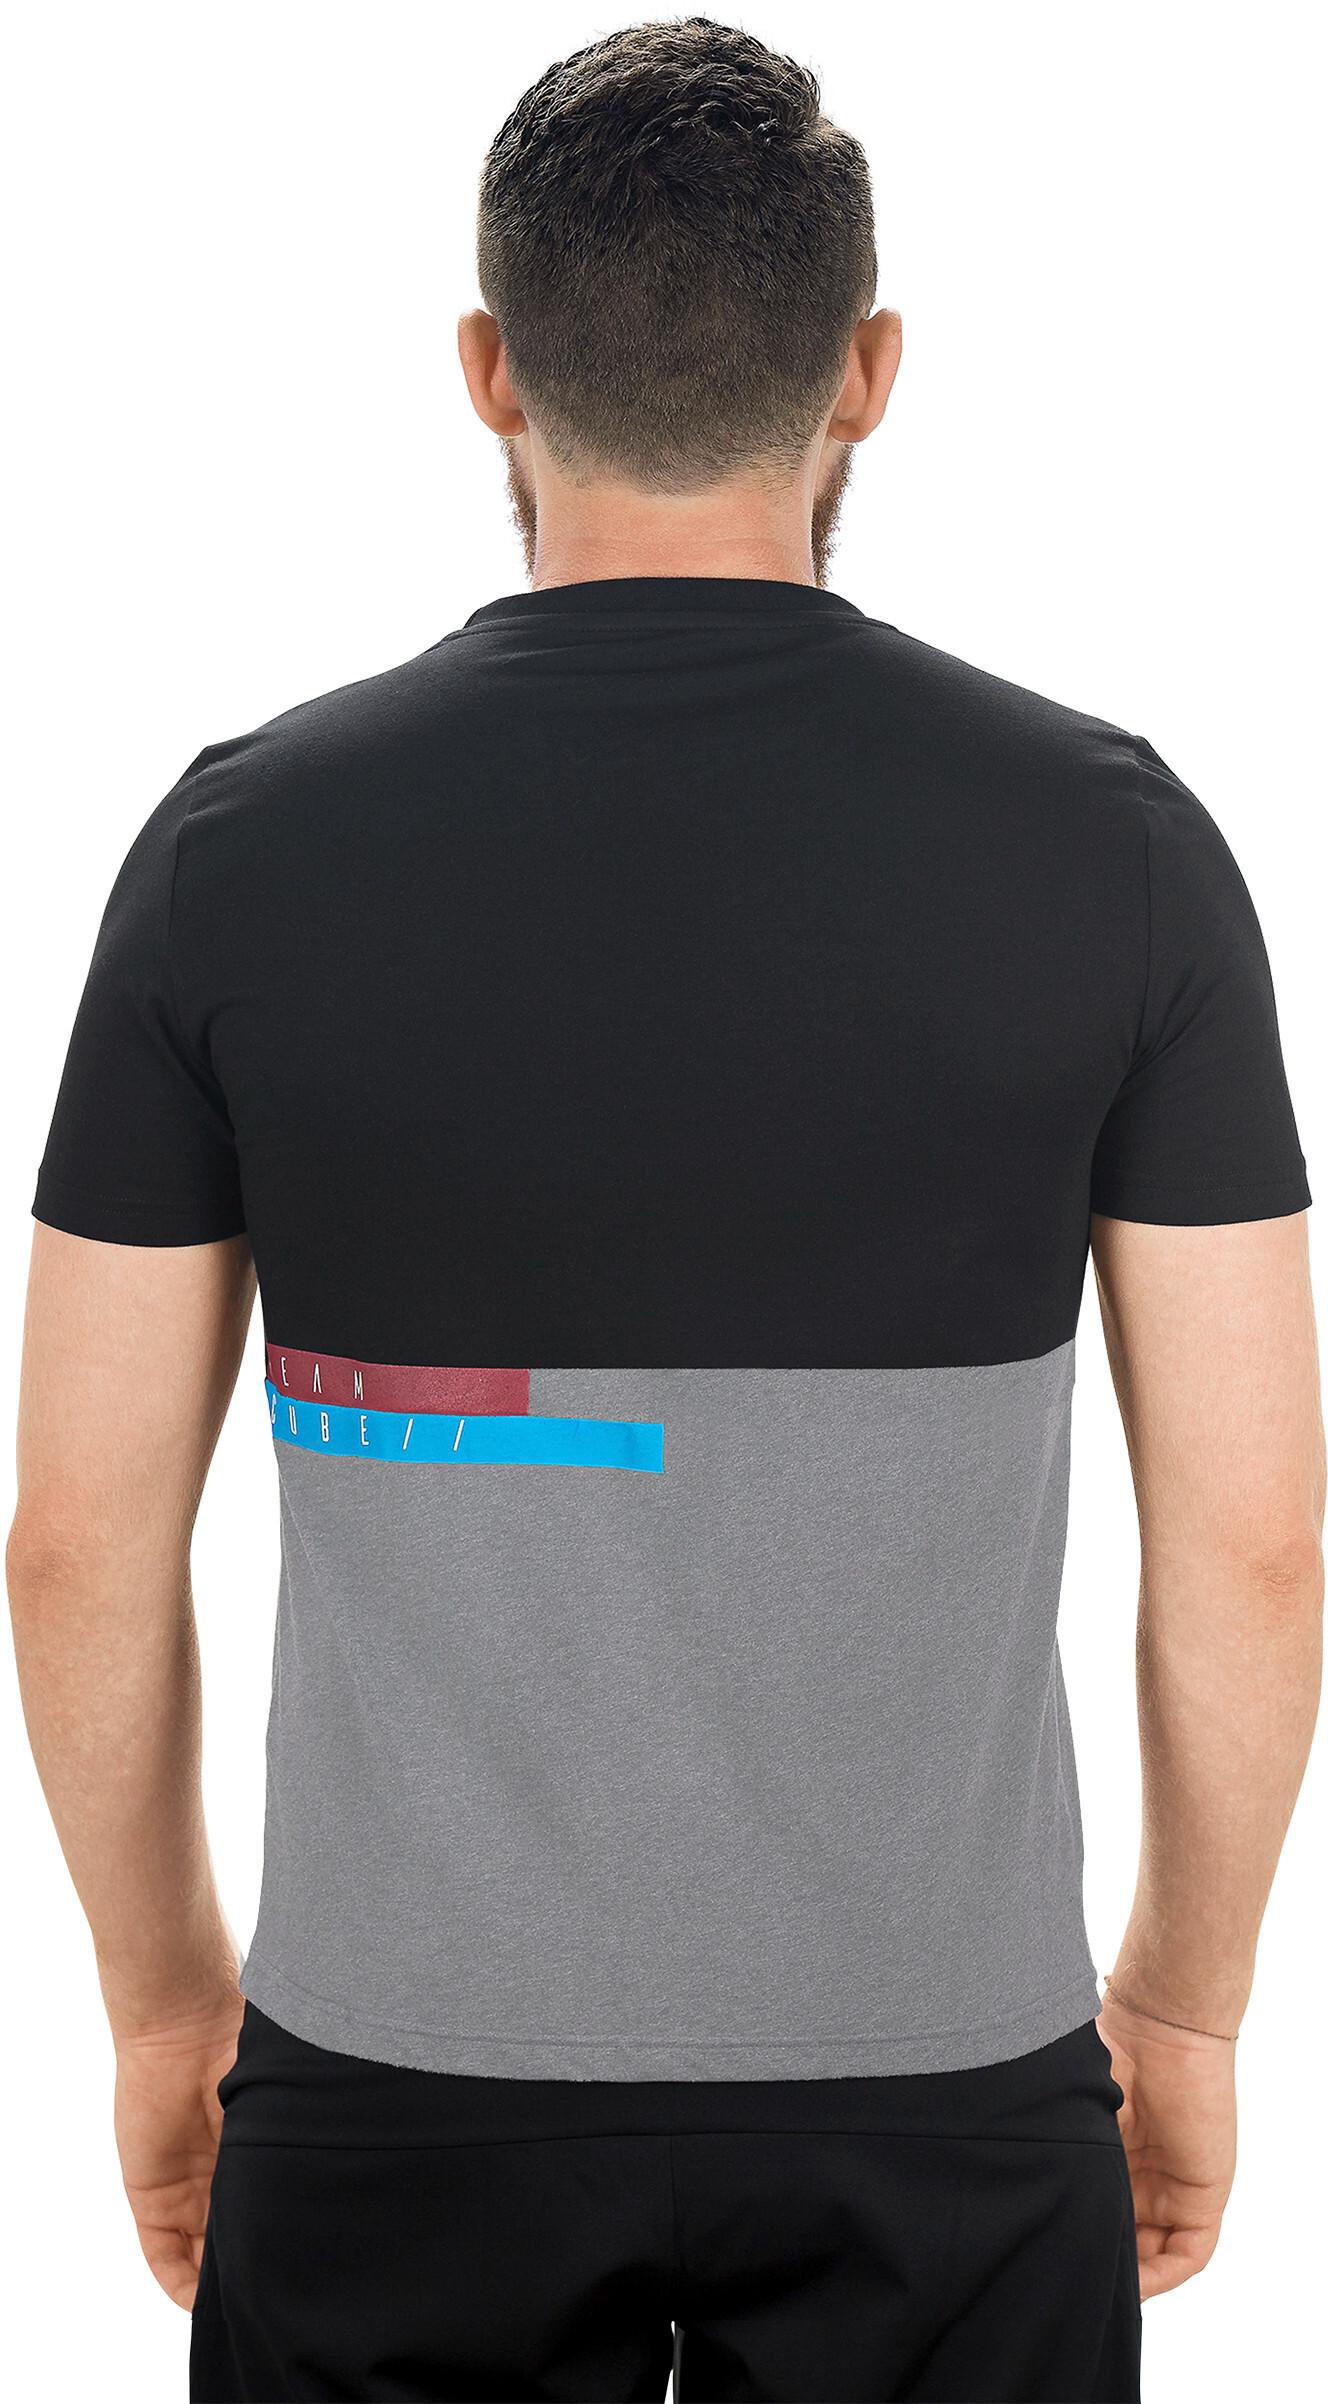 3831c9de Cube Team T-Skjorte Herre Grå/Svart | Gode tilbud hos bikester.no